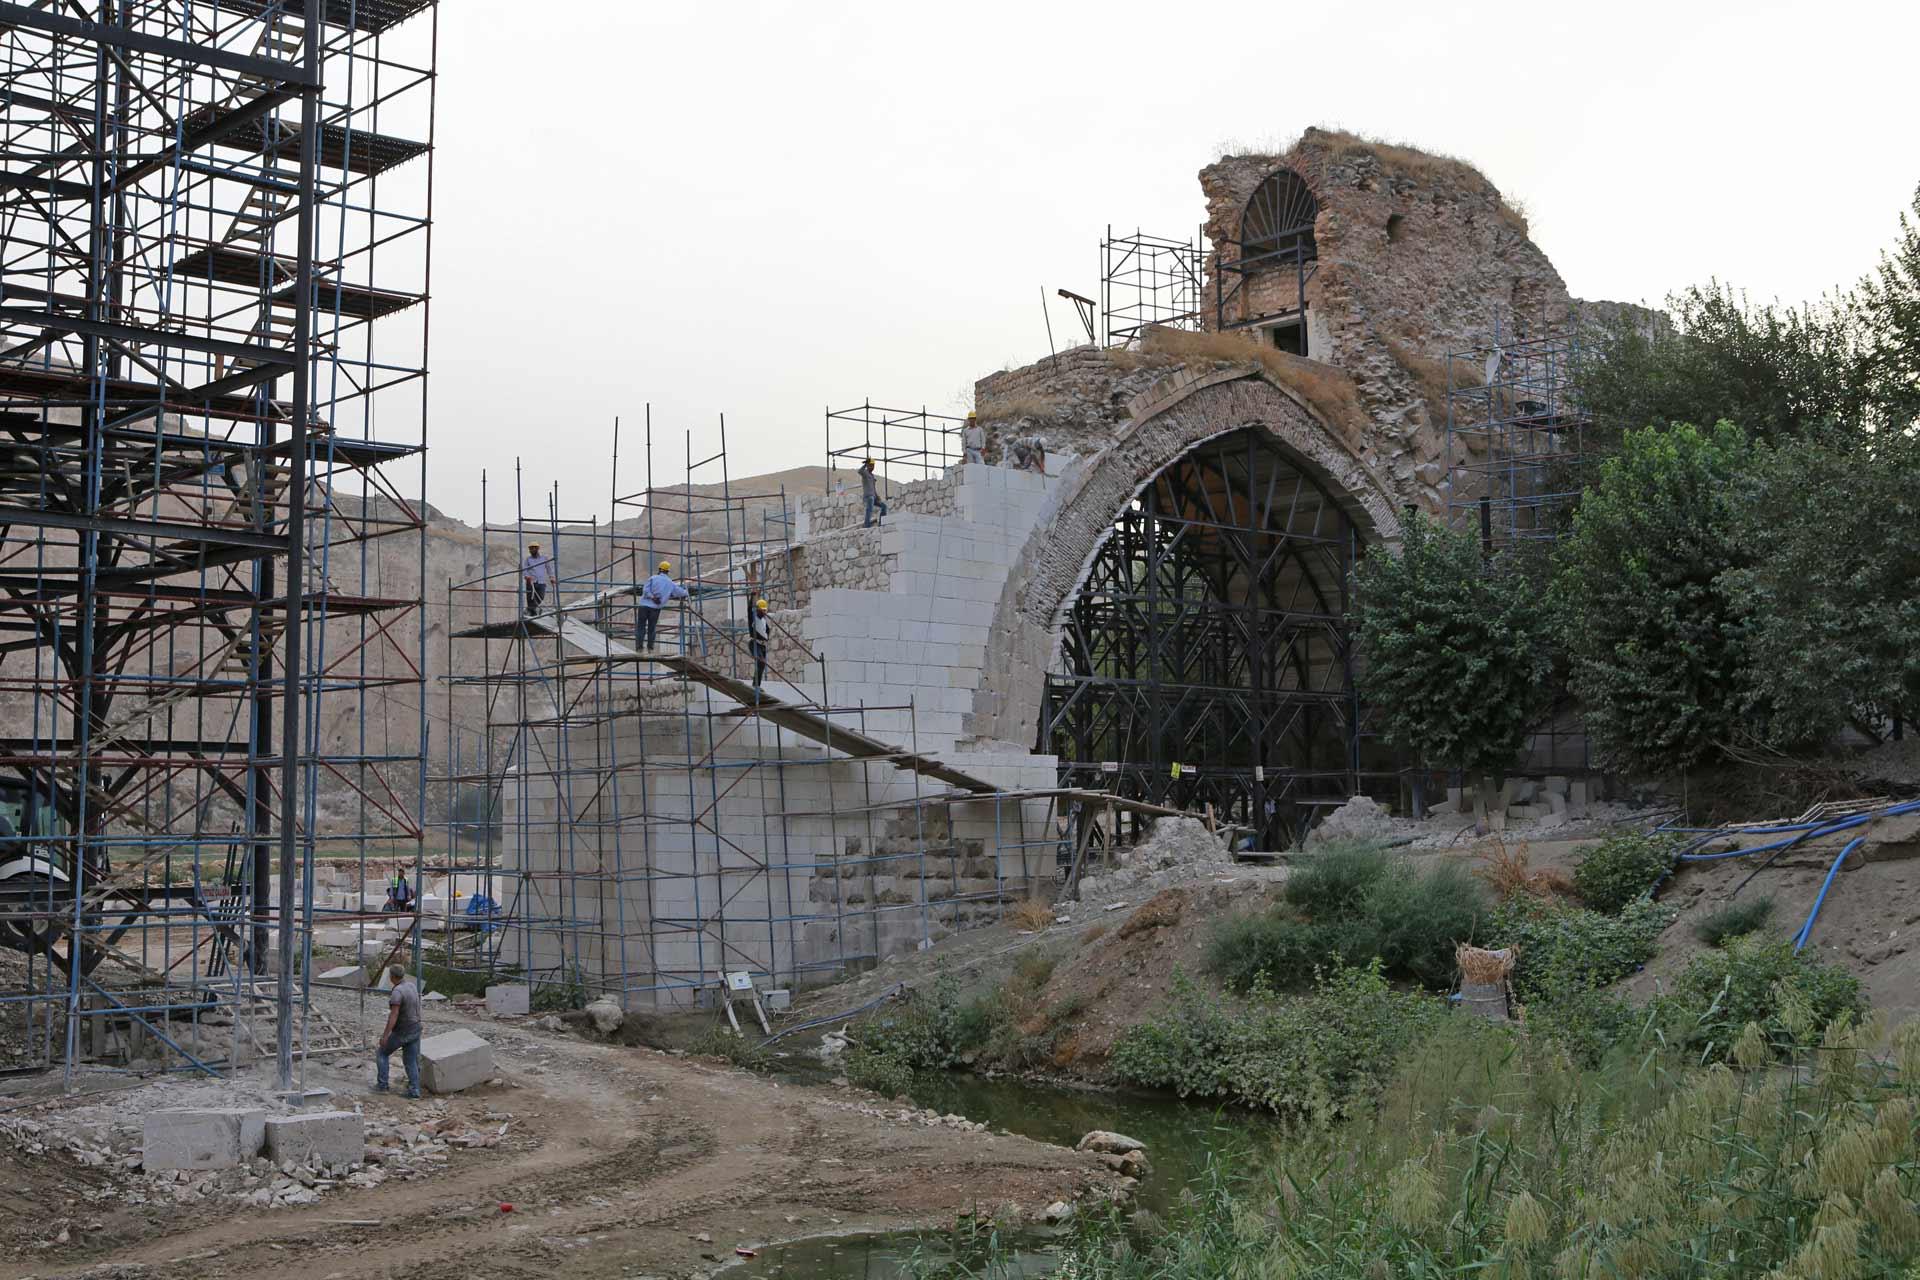 Geht man davon aus, dass in etwa fünfzig Jahren, wenn der Staudamm zurückgebaut wird, der ursprüngliche Charme des verfallenen antiken Zustands wieder sichtbar werden soll...?